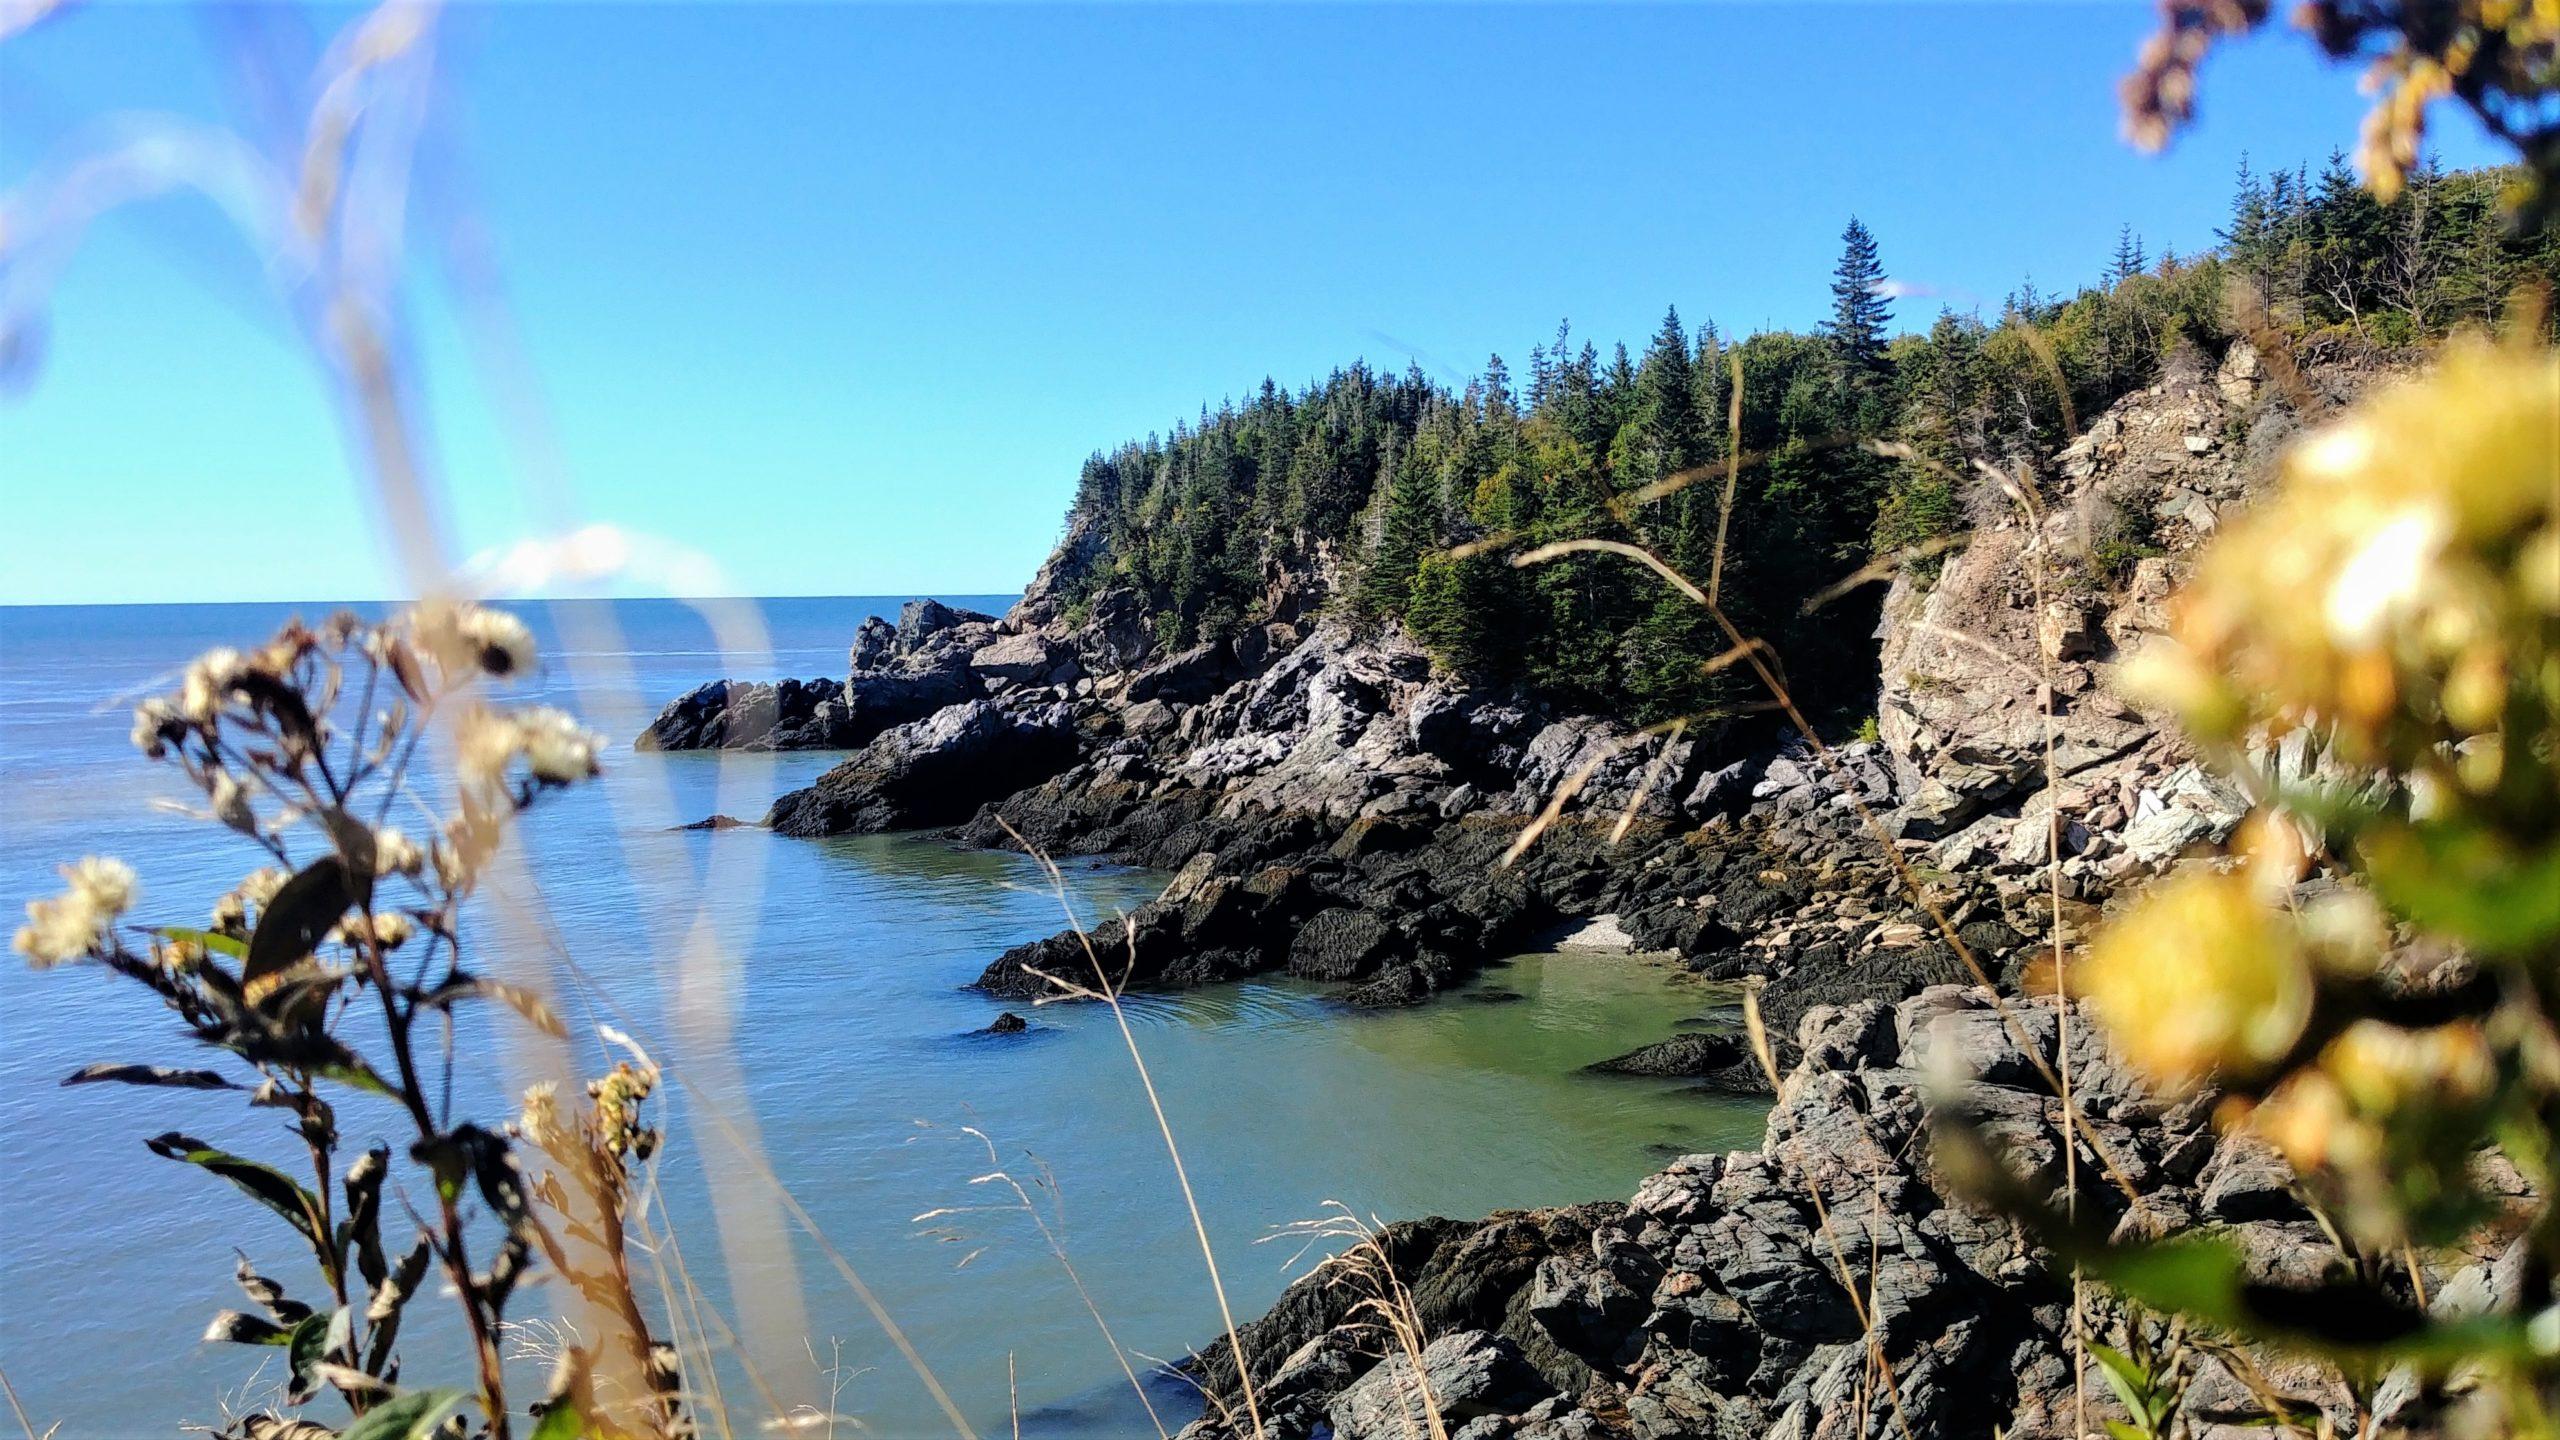 Split Rock Trail randonnée Saint-John infos pratiques blog voyage Nouveau-Brunswick Canada Arpenter le chemin